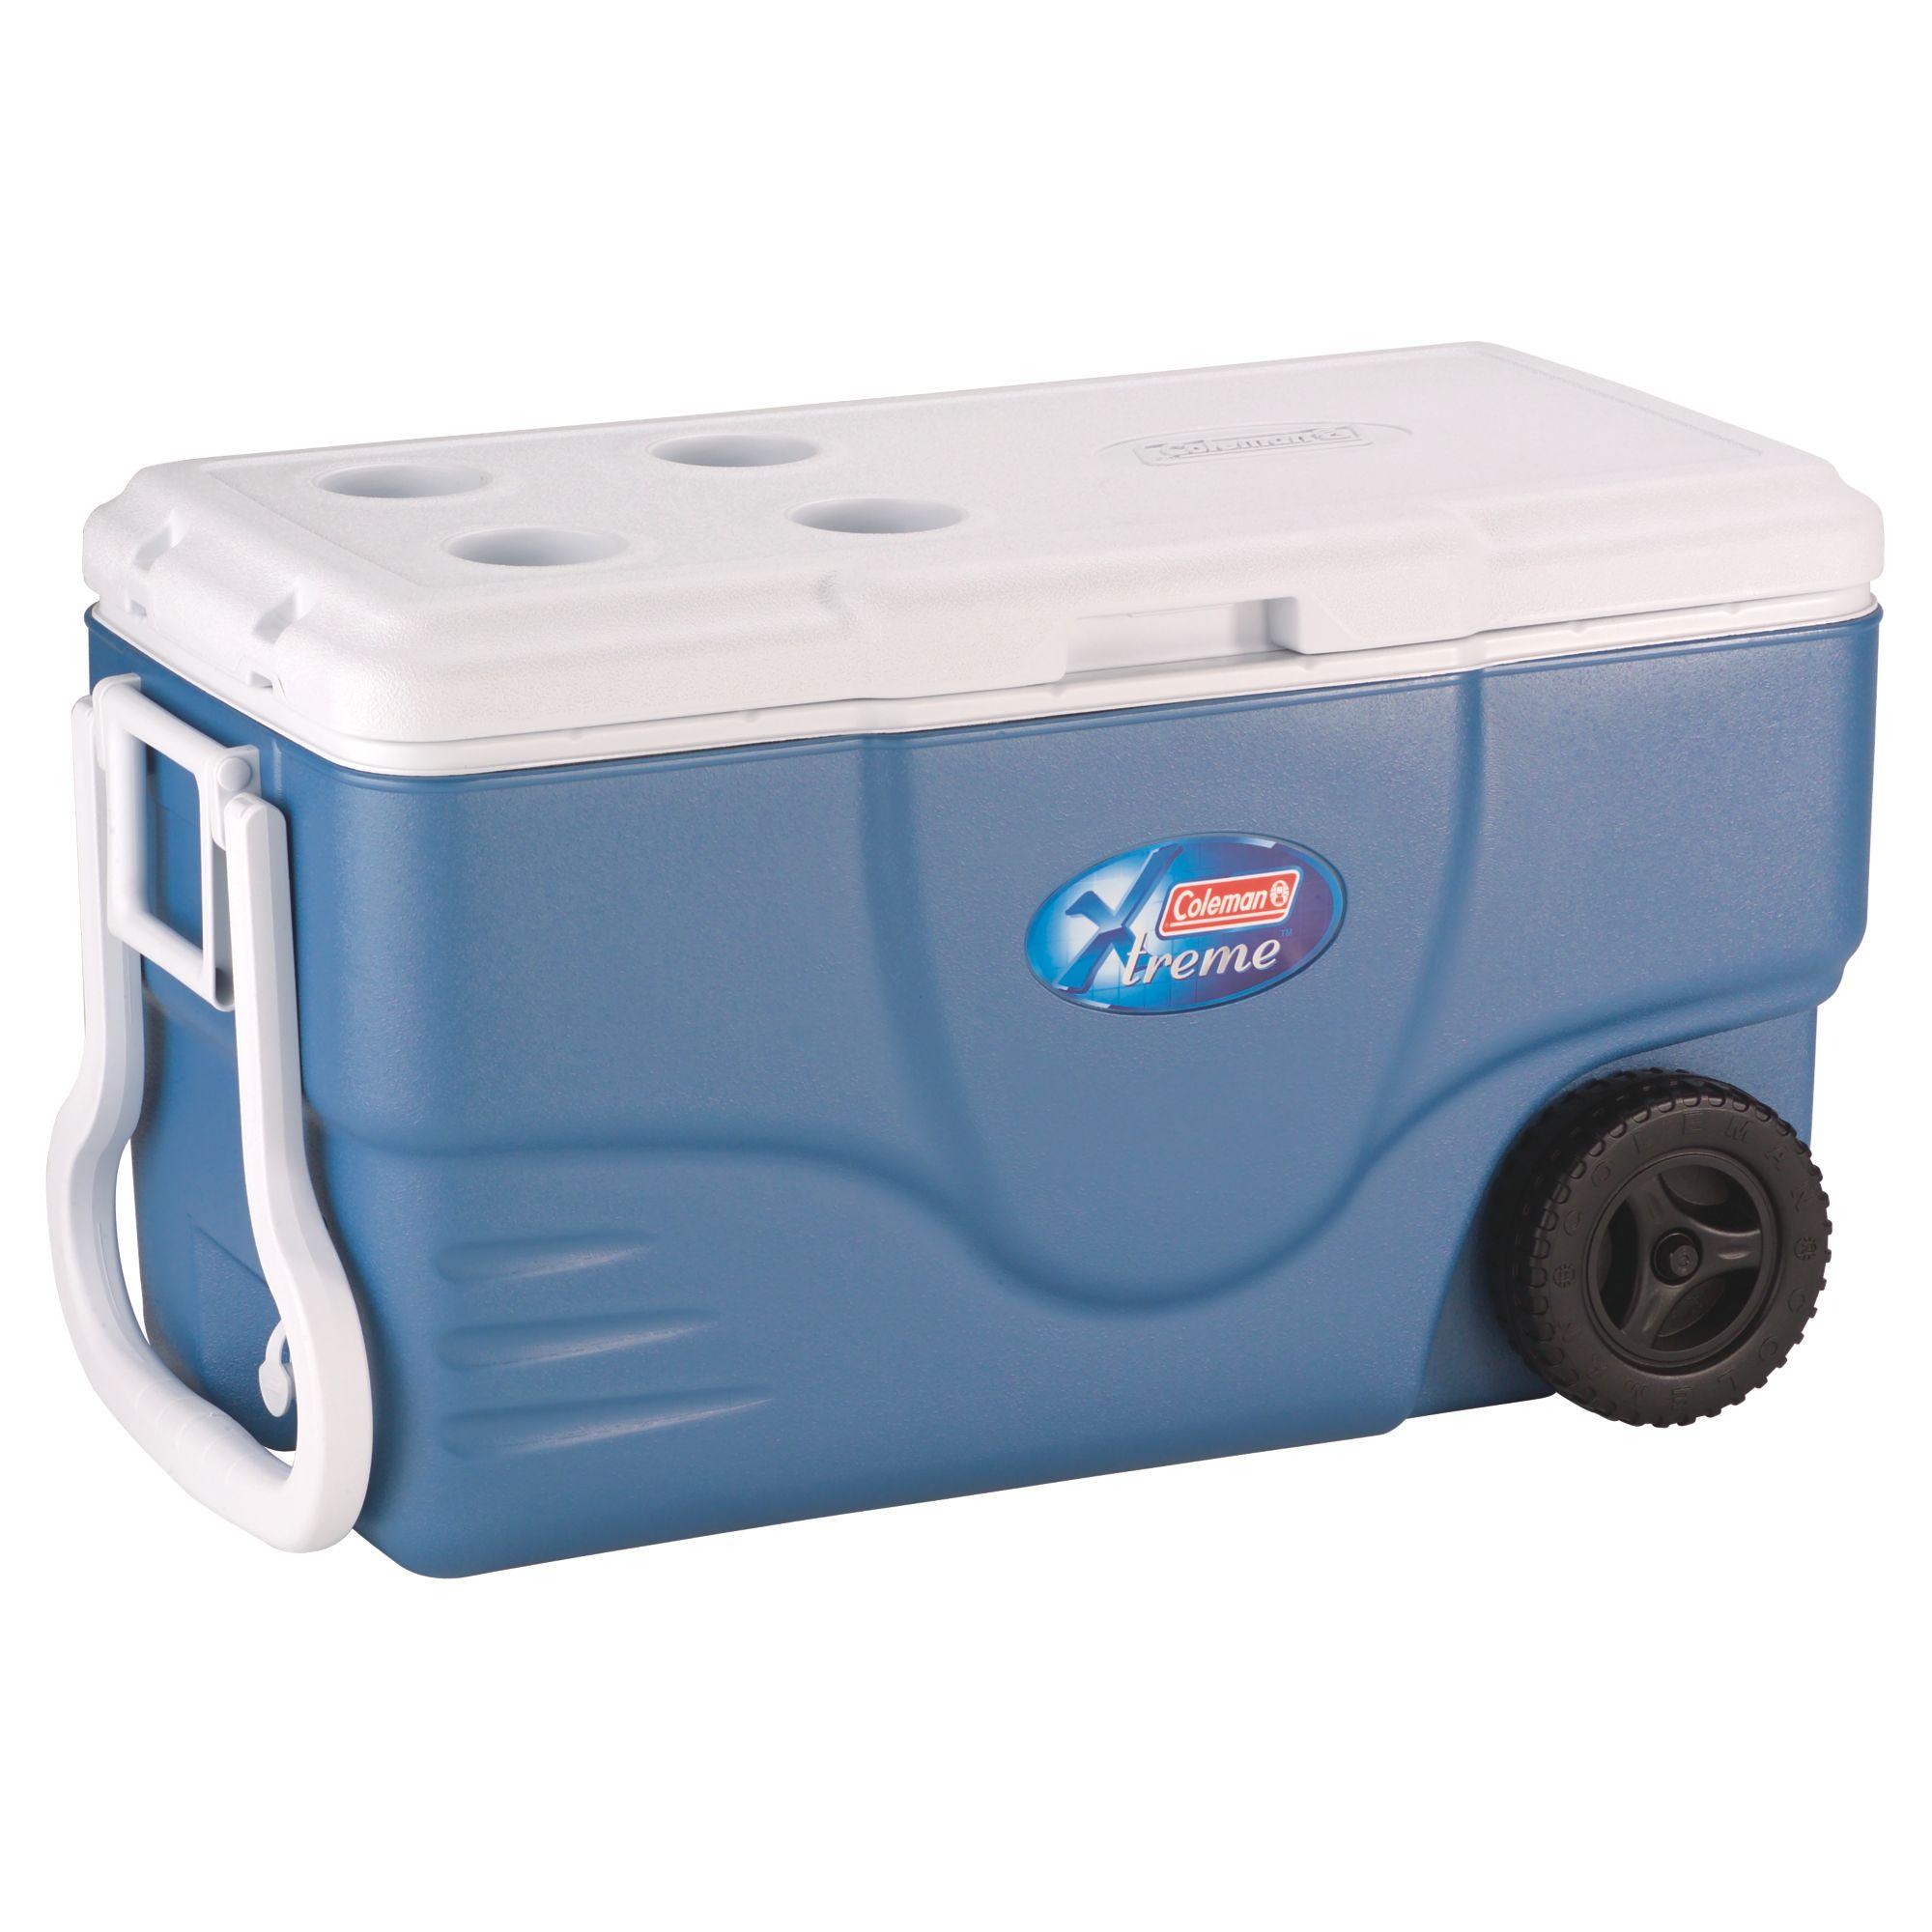 Контейнер изотермический Coleman 62QT Xtreme Wheeled CoolerКонтейнер изотермический Coleman 62QT Xtreme Wheeled Cooler сохранит еду и напитки холодными в течение длительного времени. Удобная ручка и колеса создадут дополнительный комфорт В технологии Xtreme® используется изолированная крышка и дополнительная изоляция в стенах, чтобы сохранять предметы в холоде в течение 5 дней.<br><br>Достаточно большой, чтобы поместить 95 банок по 0,33 литра, у вас будет много места для продуктов. Ручки с двух сторон контейнера очень удобны при переноске, большая ручка предназначена для перевозки на колесах. В нижней части контейнера расположен сливной клапан для слива жидкости от льда и конденсата.<br>